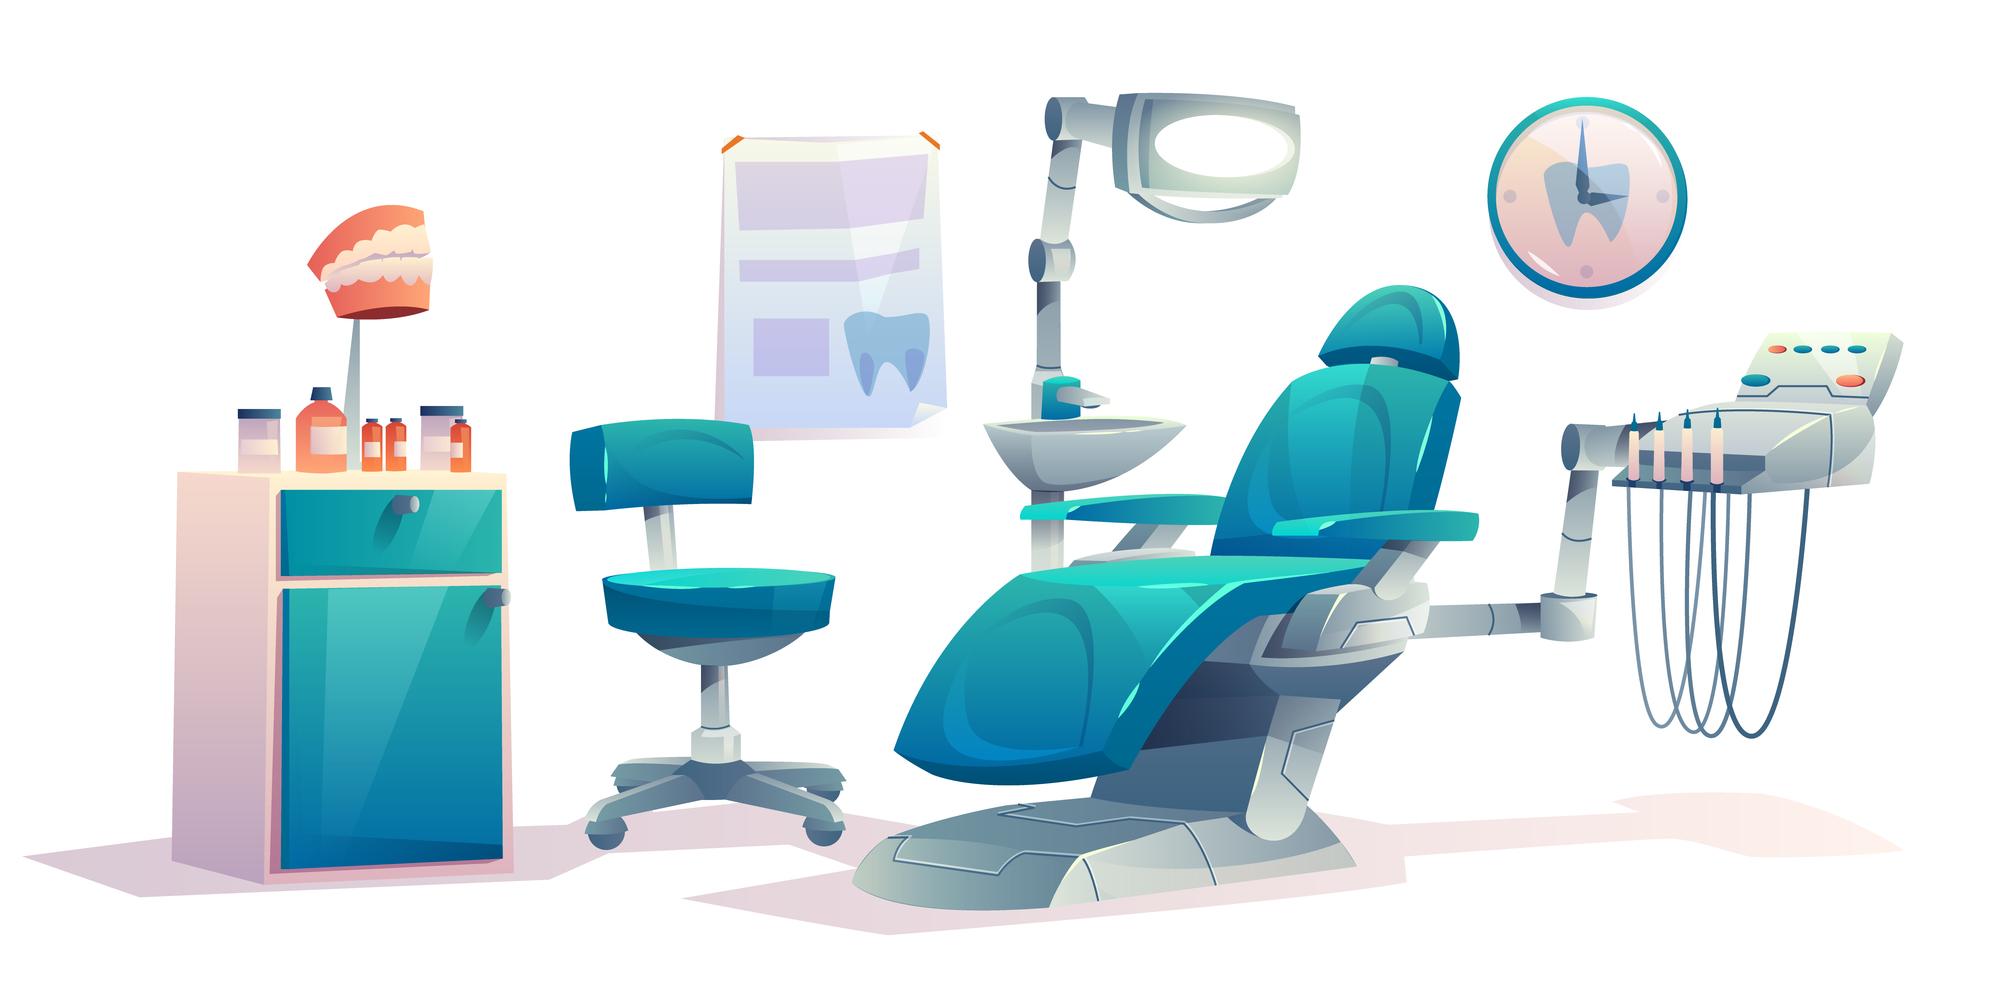 歯医者のポータルサイトを利用してみる